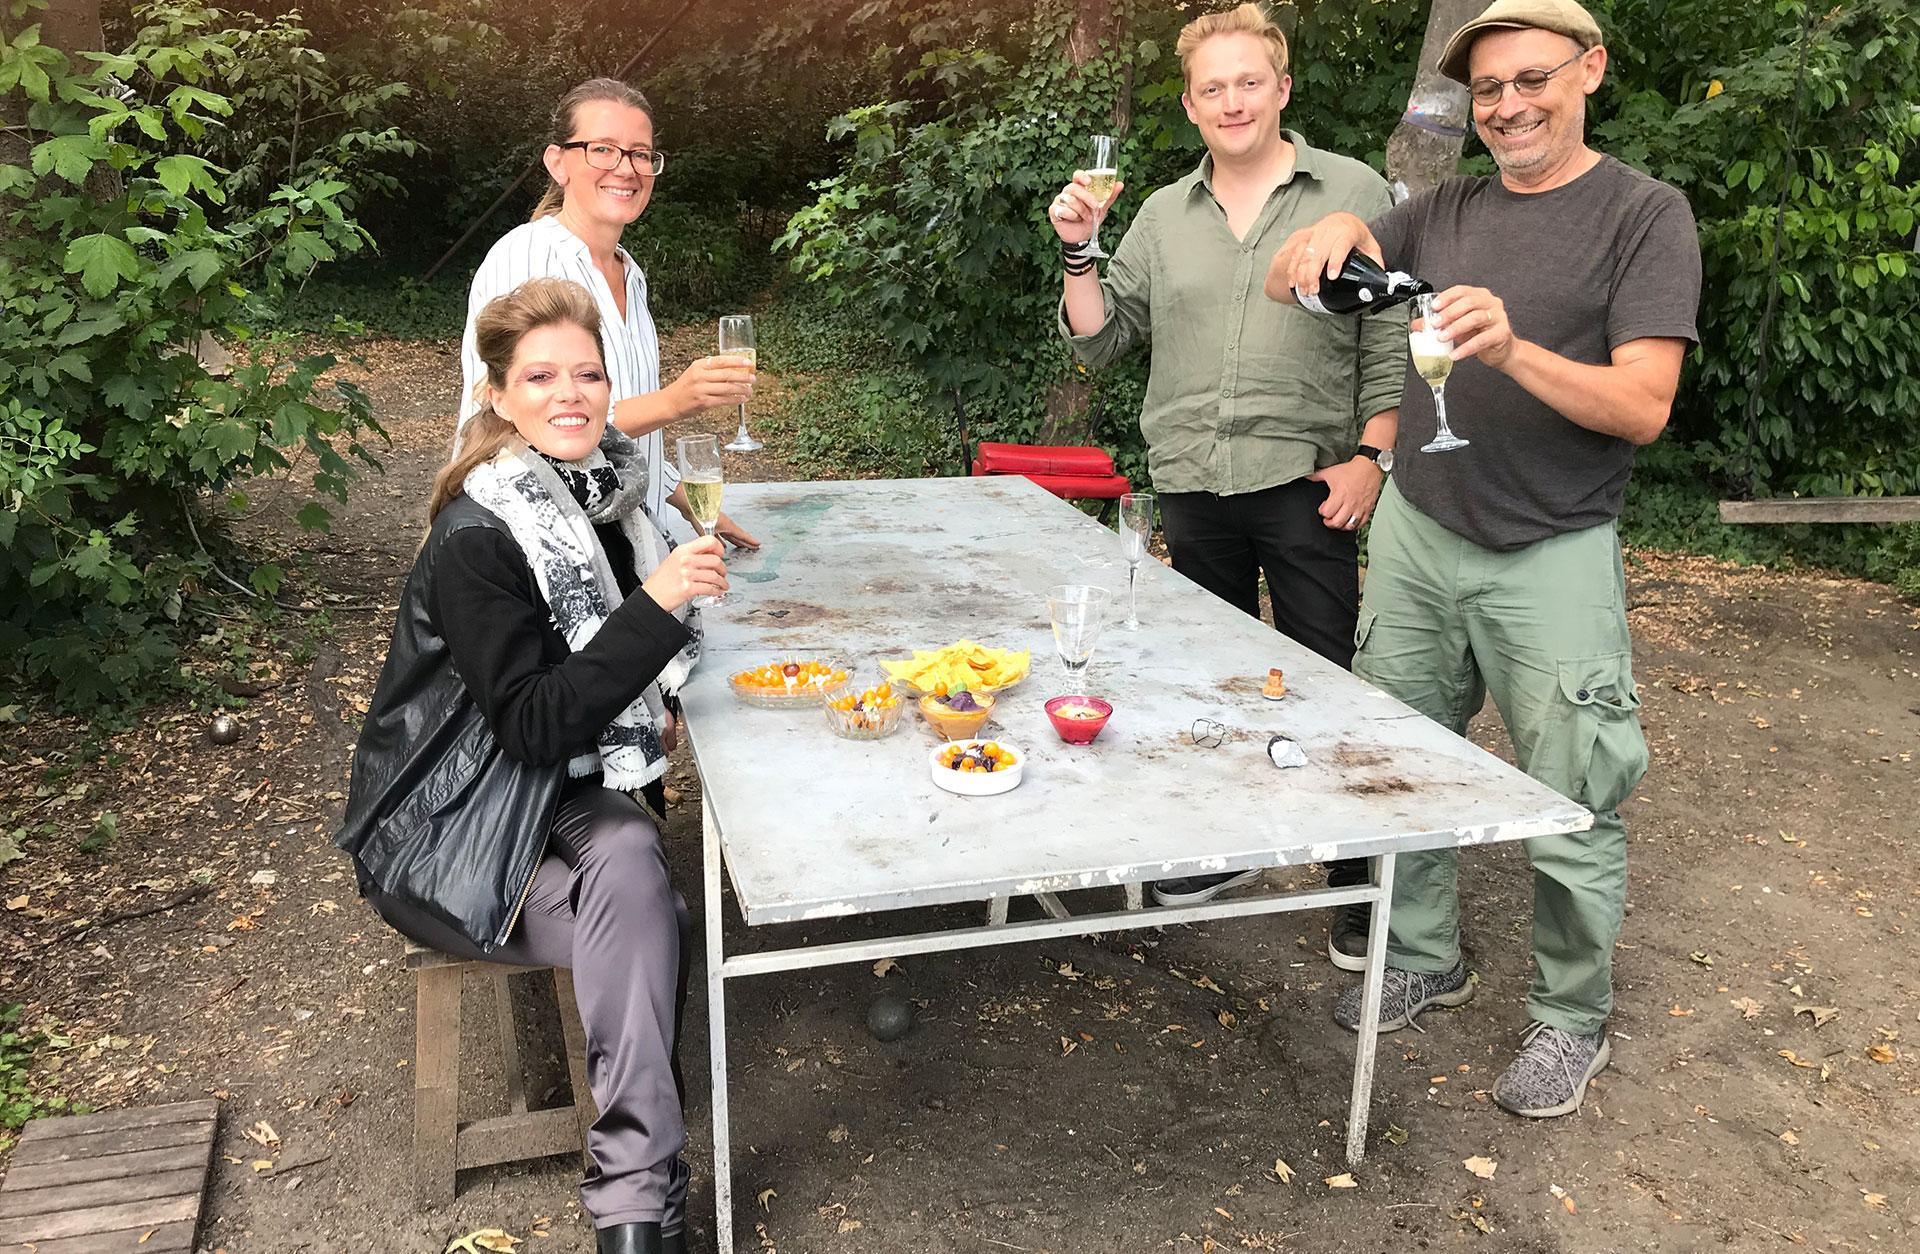 Barbara, Magdalena (textförfattaren), Linus och Mats skålar i champagne.